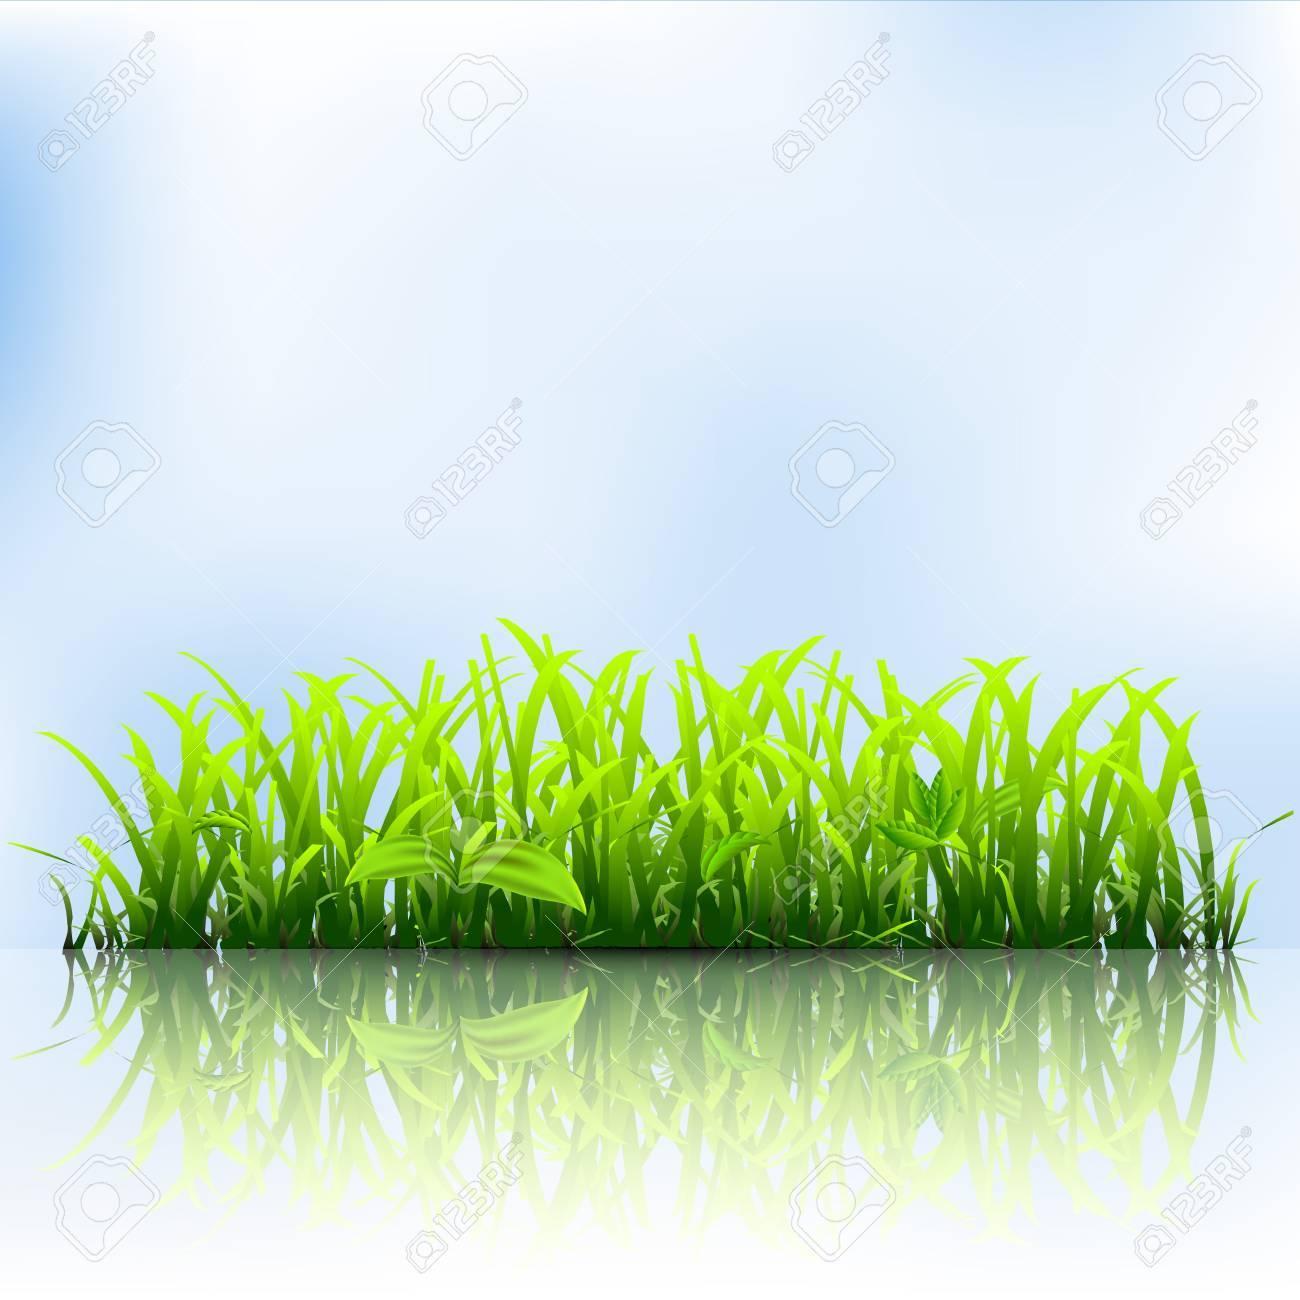 Green grass   illustration Stock Vector - 17911912